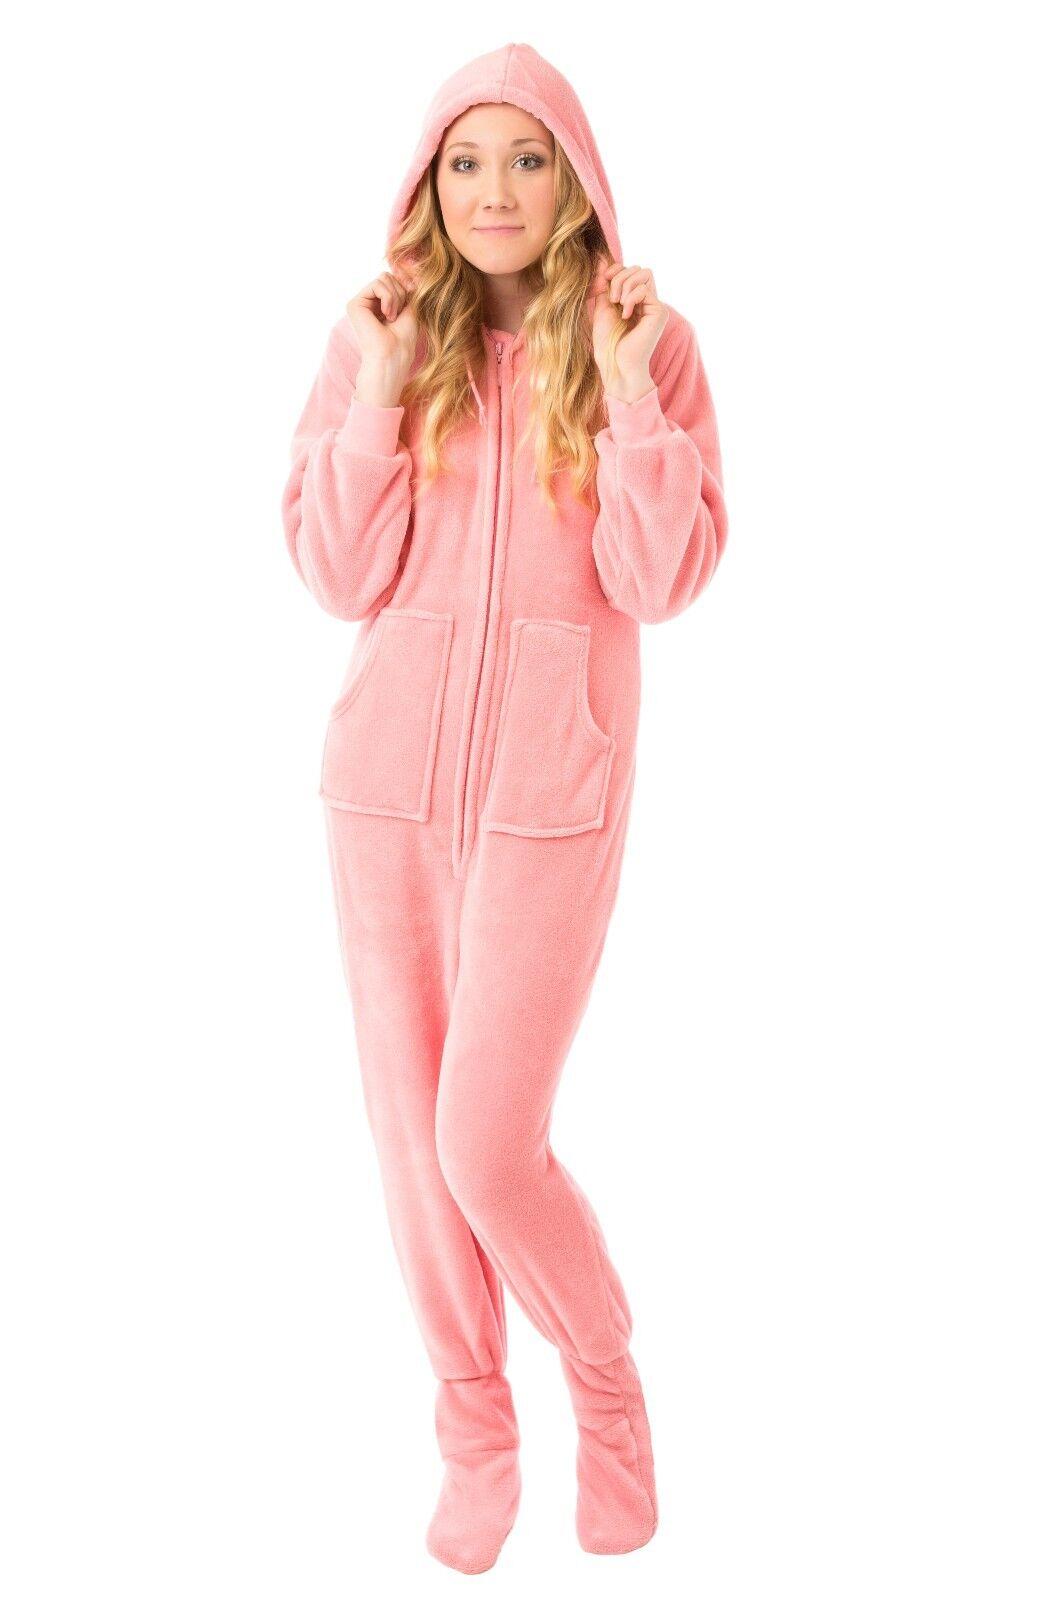 Big Feet Pjs - Pink Hoodie Plush Footed Pajamas